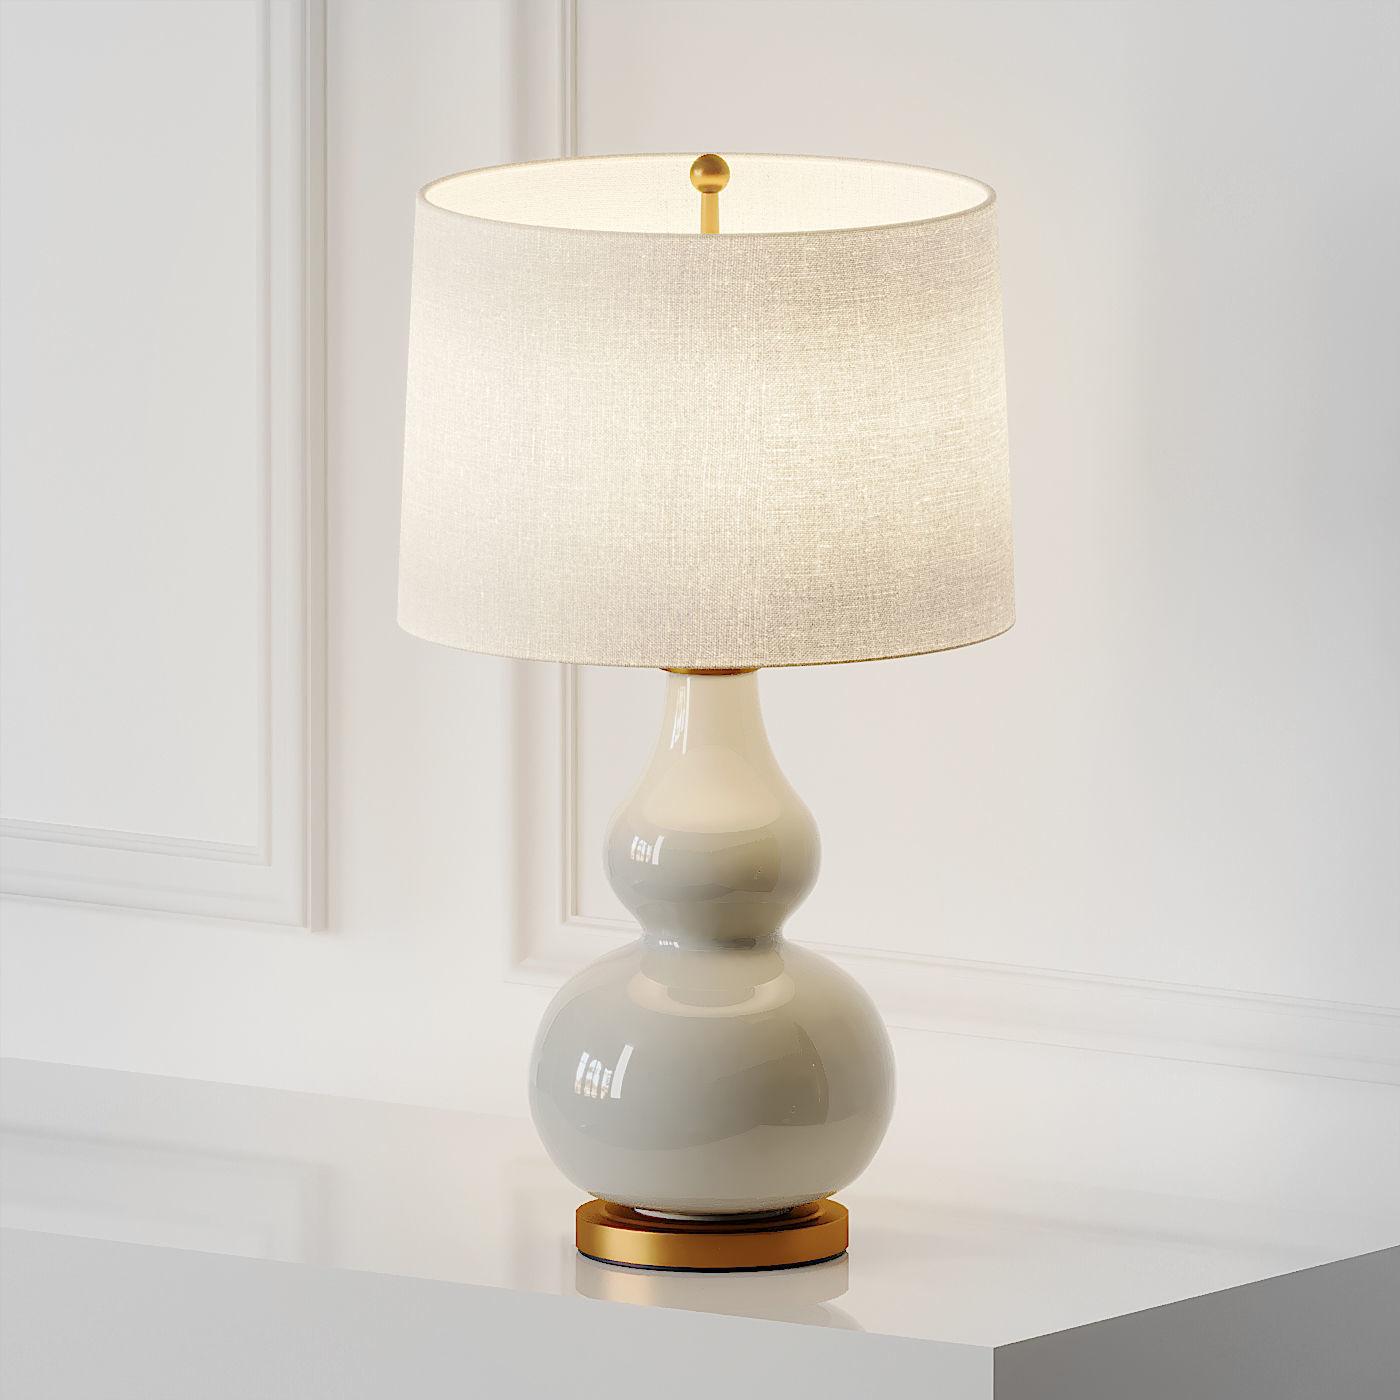 tamara table lamp by wayfair 3d model